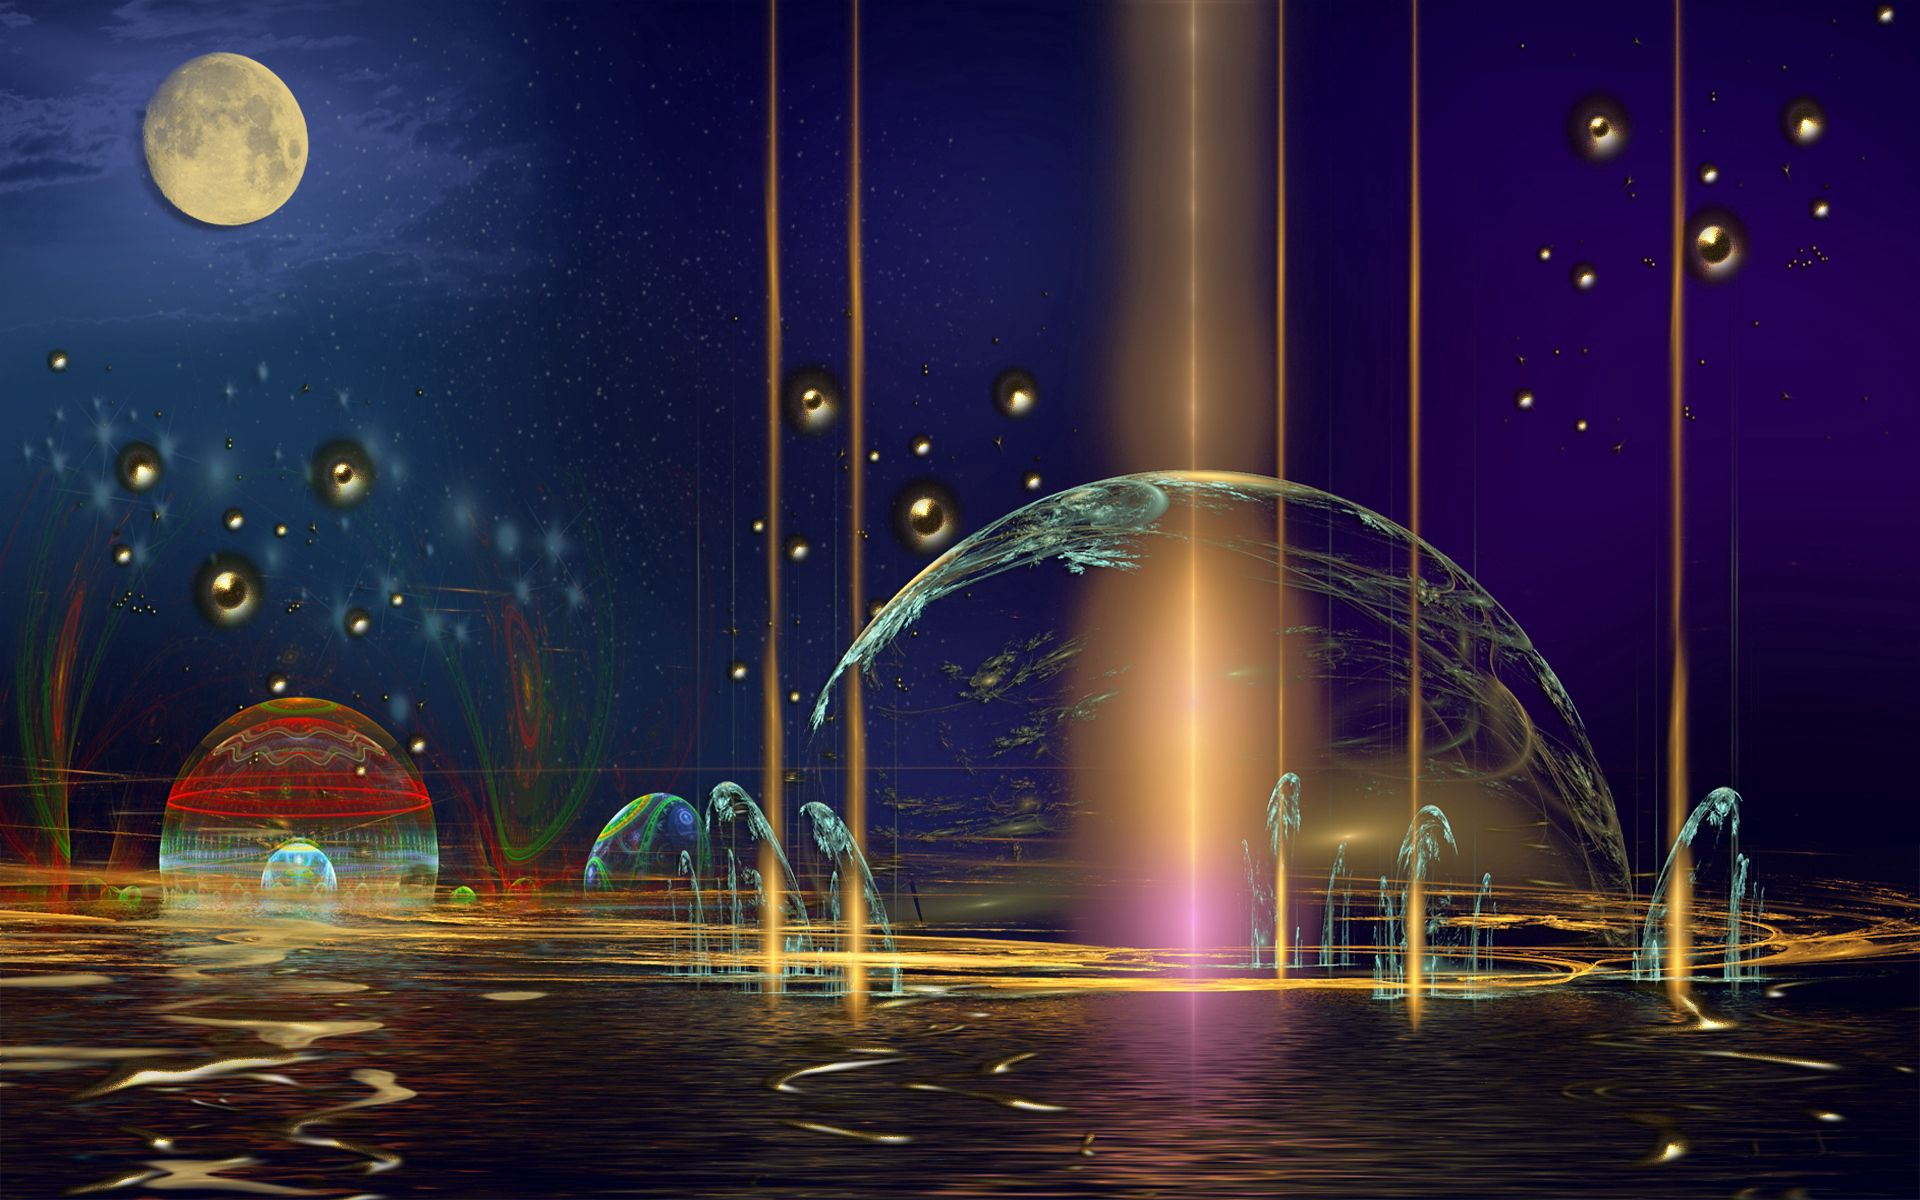 127116 скачать обои Абстракция, Планета, Воображение, Фон - заставки и картинки бесплатно